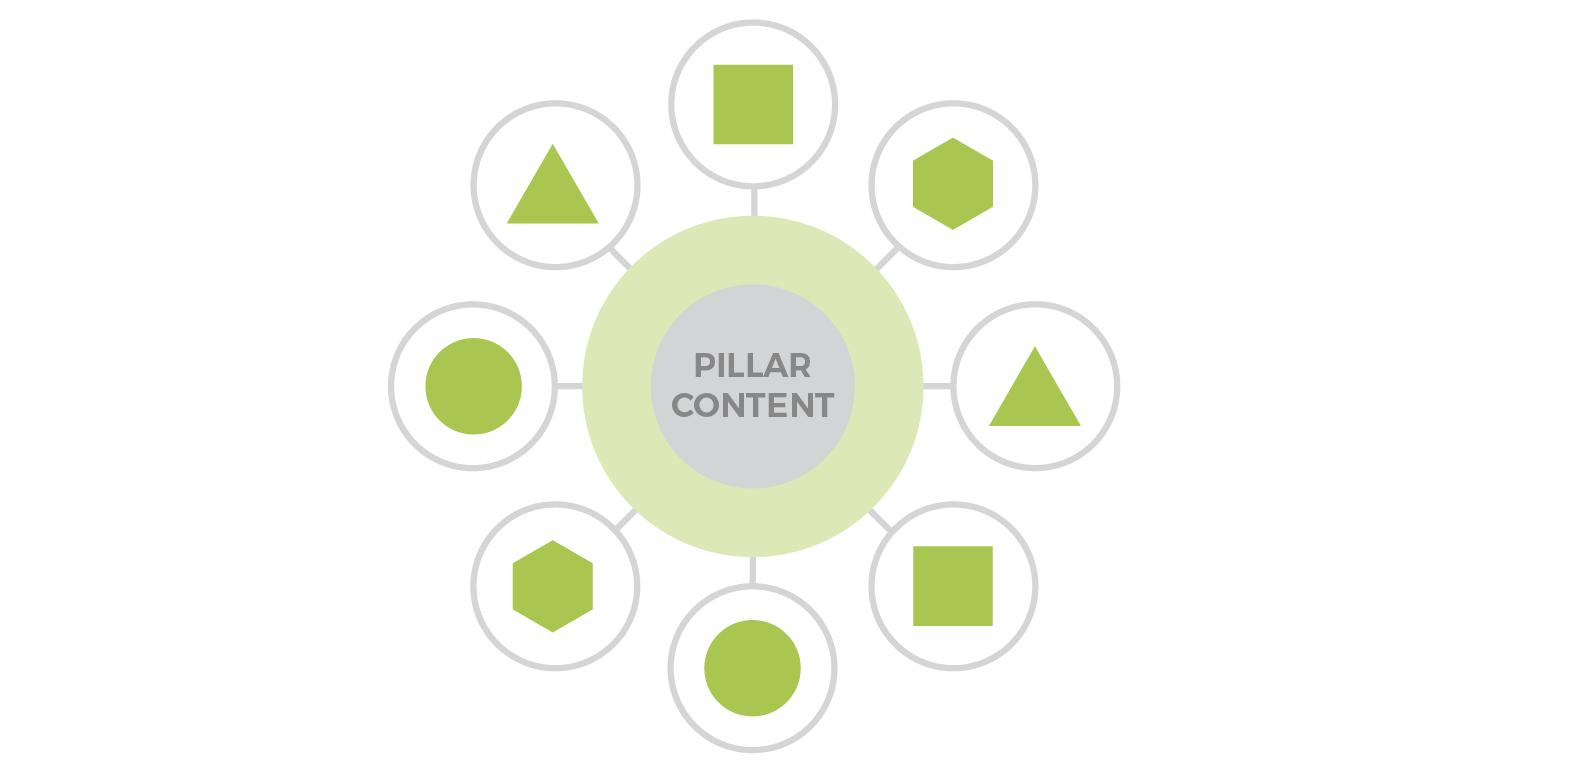 content pillar Inbound Marketing